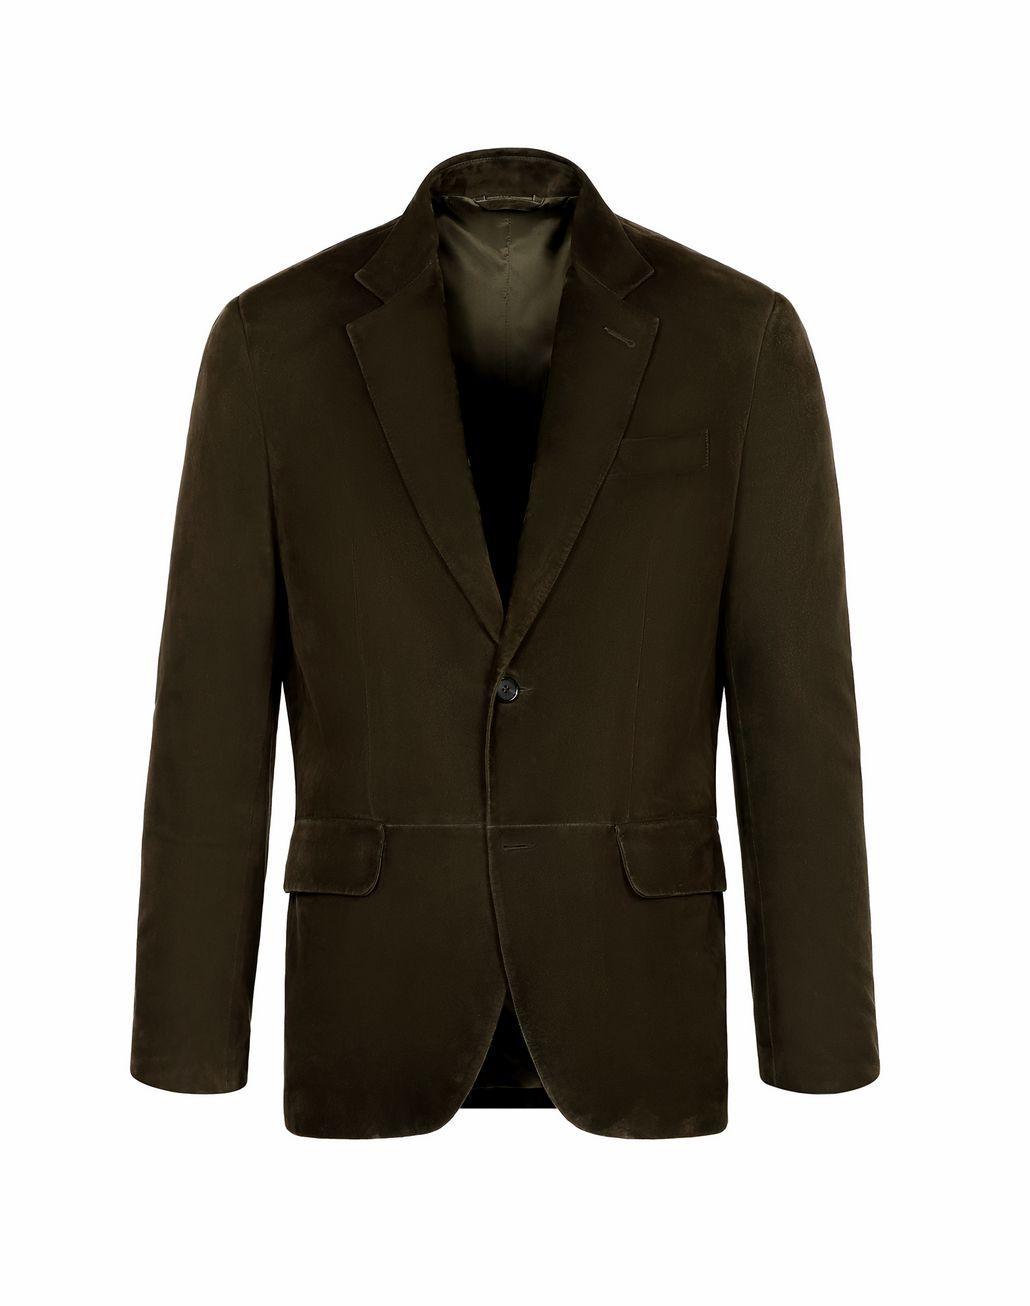 BRIONI Зелёный замшевый блейзер Верхняя одежда Для Мужчин f